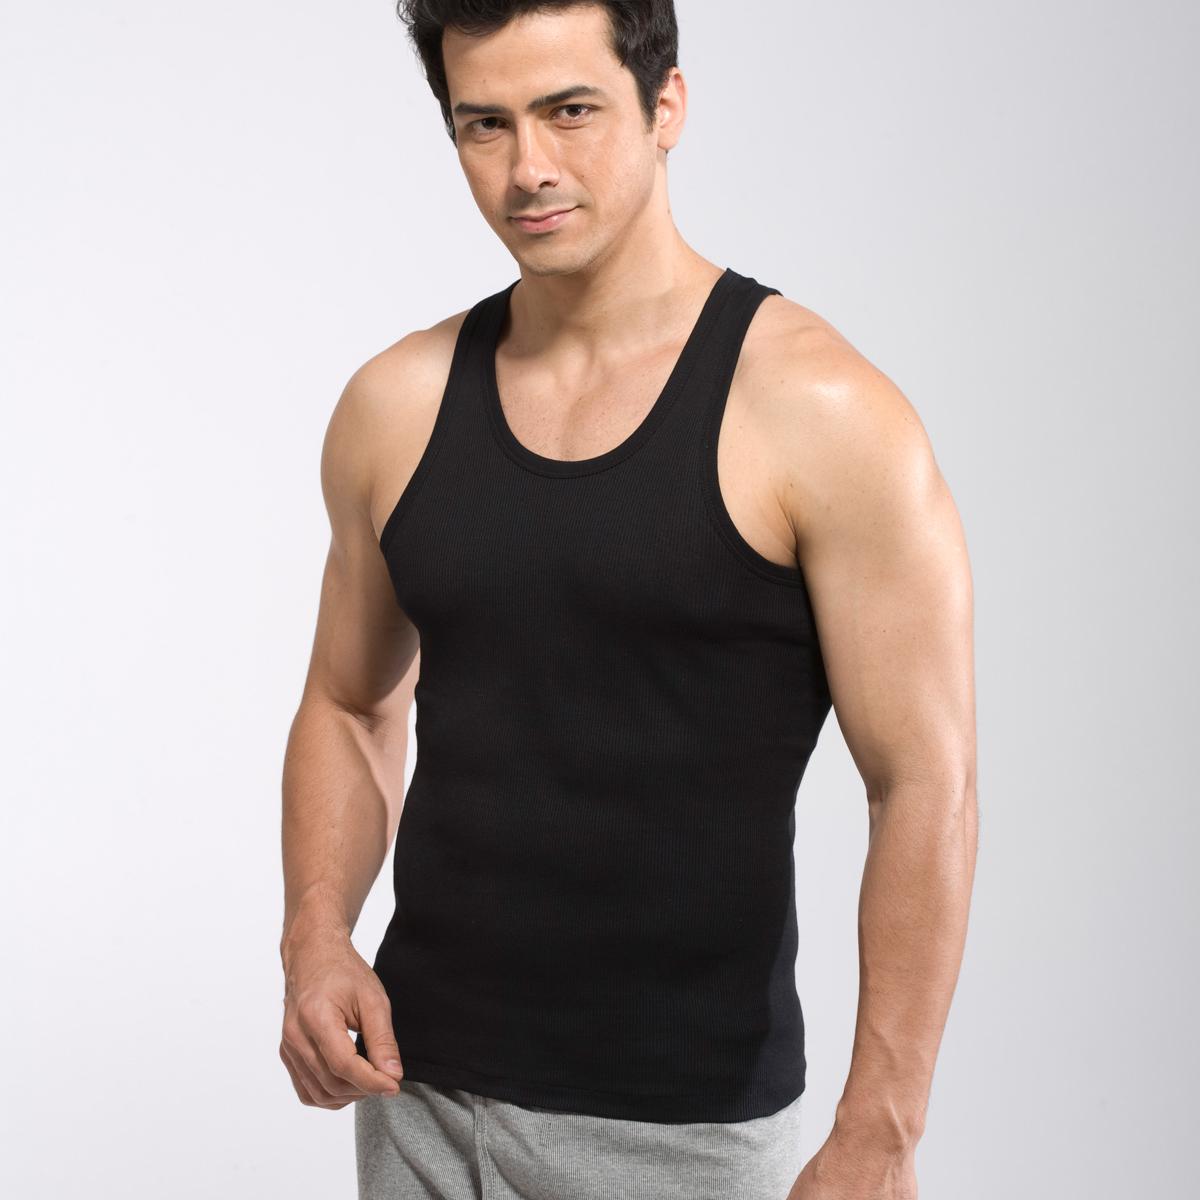 男士 背心 纯棉圆领紧身Vest修身款打底衫薄款运动健身粗罗纹背心